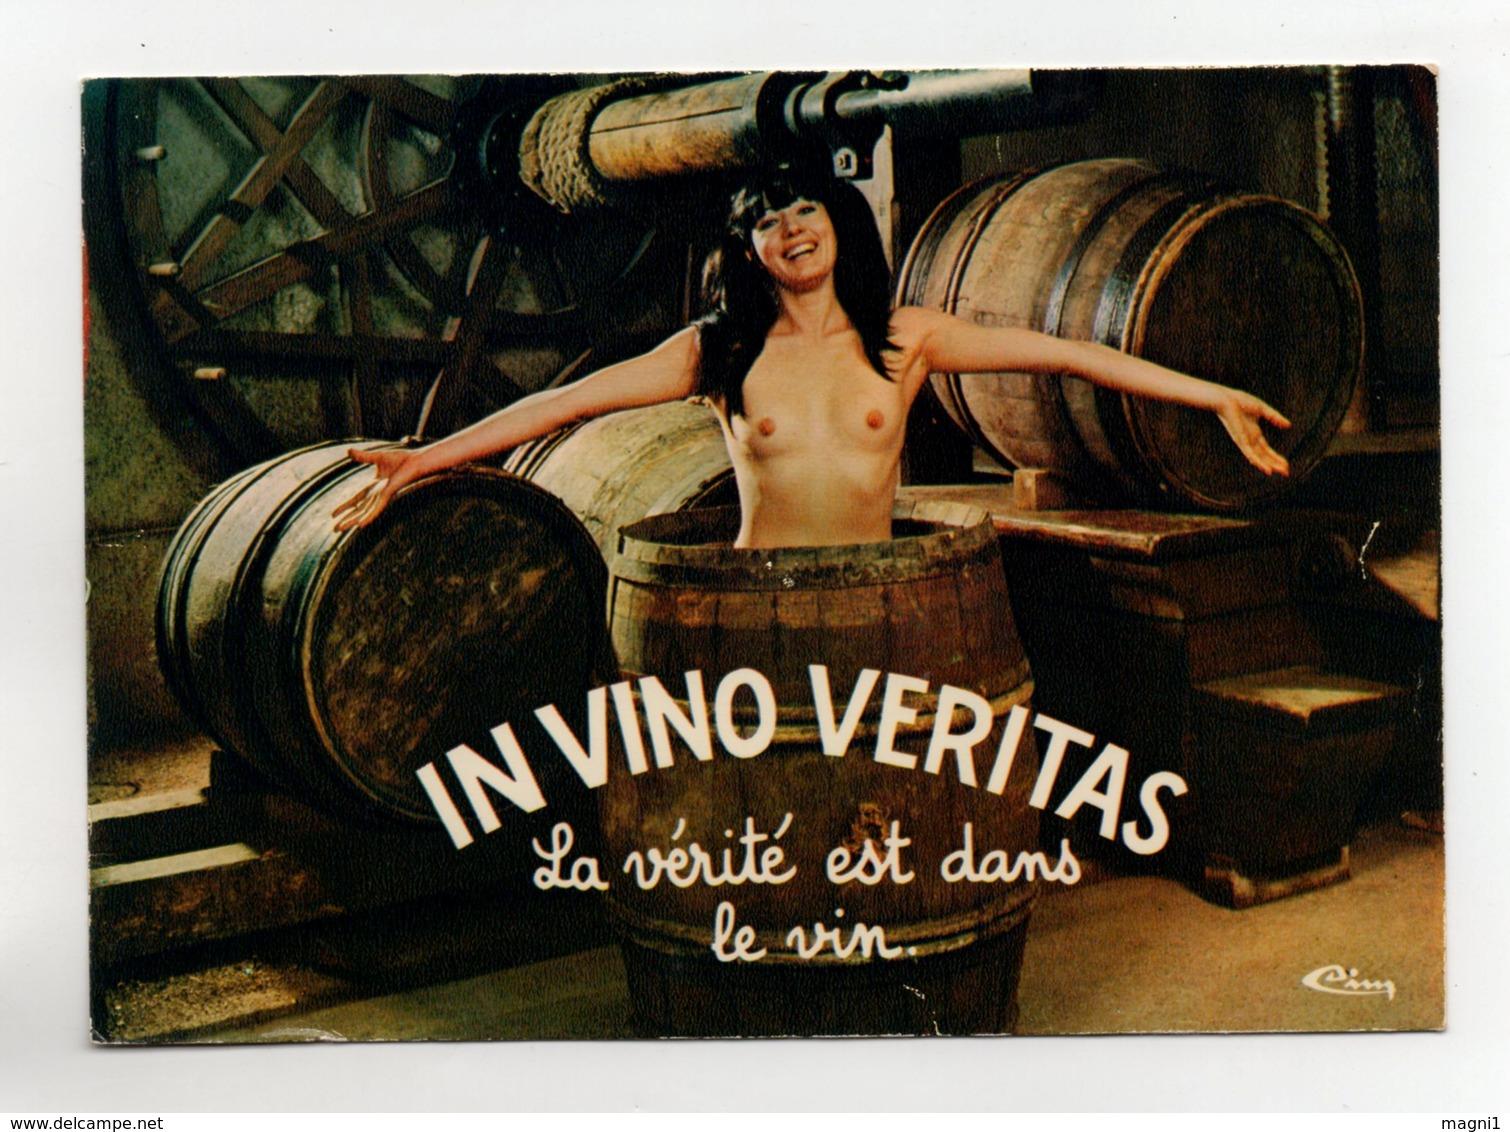 In Vino Veritas - Silhouette - Scissor-type